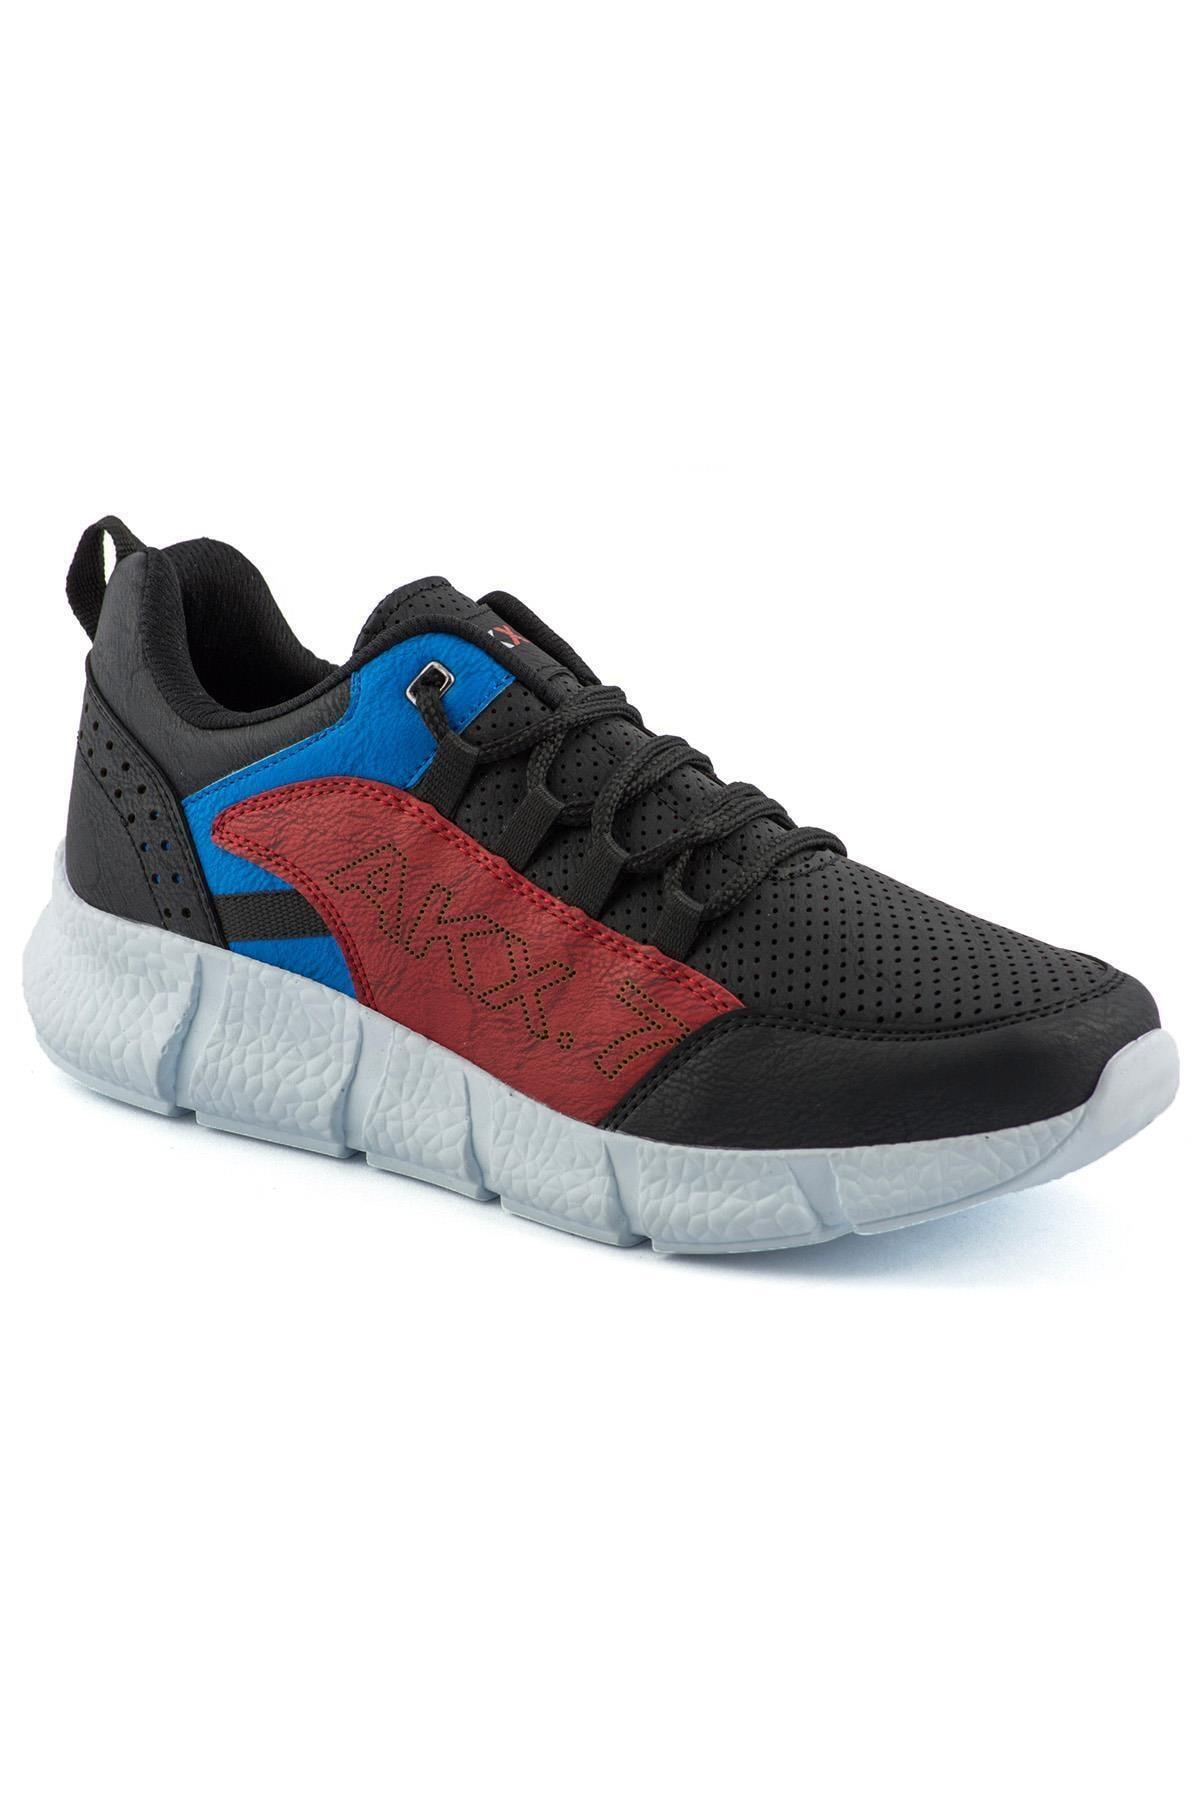 L.A Polo 021 Siyah Mavi Beyaz Erkek Spor Ayakkabı 1